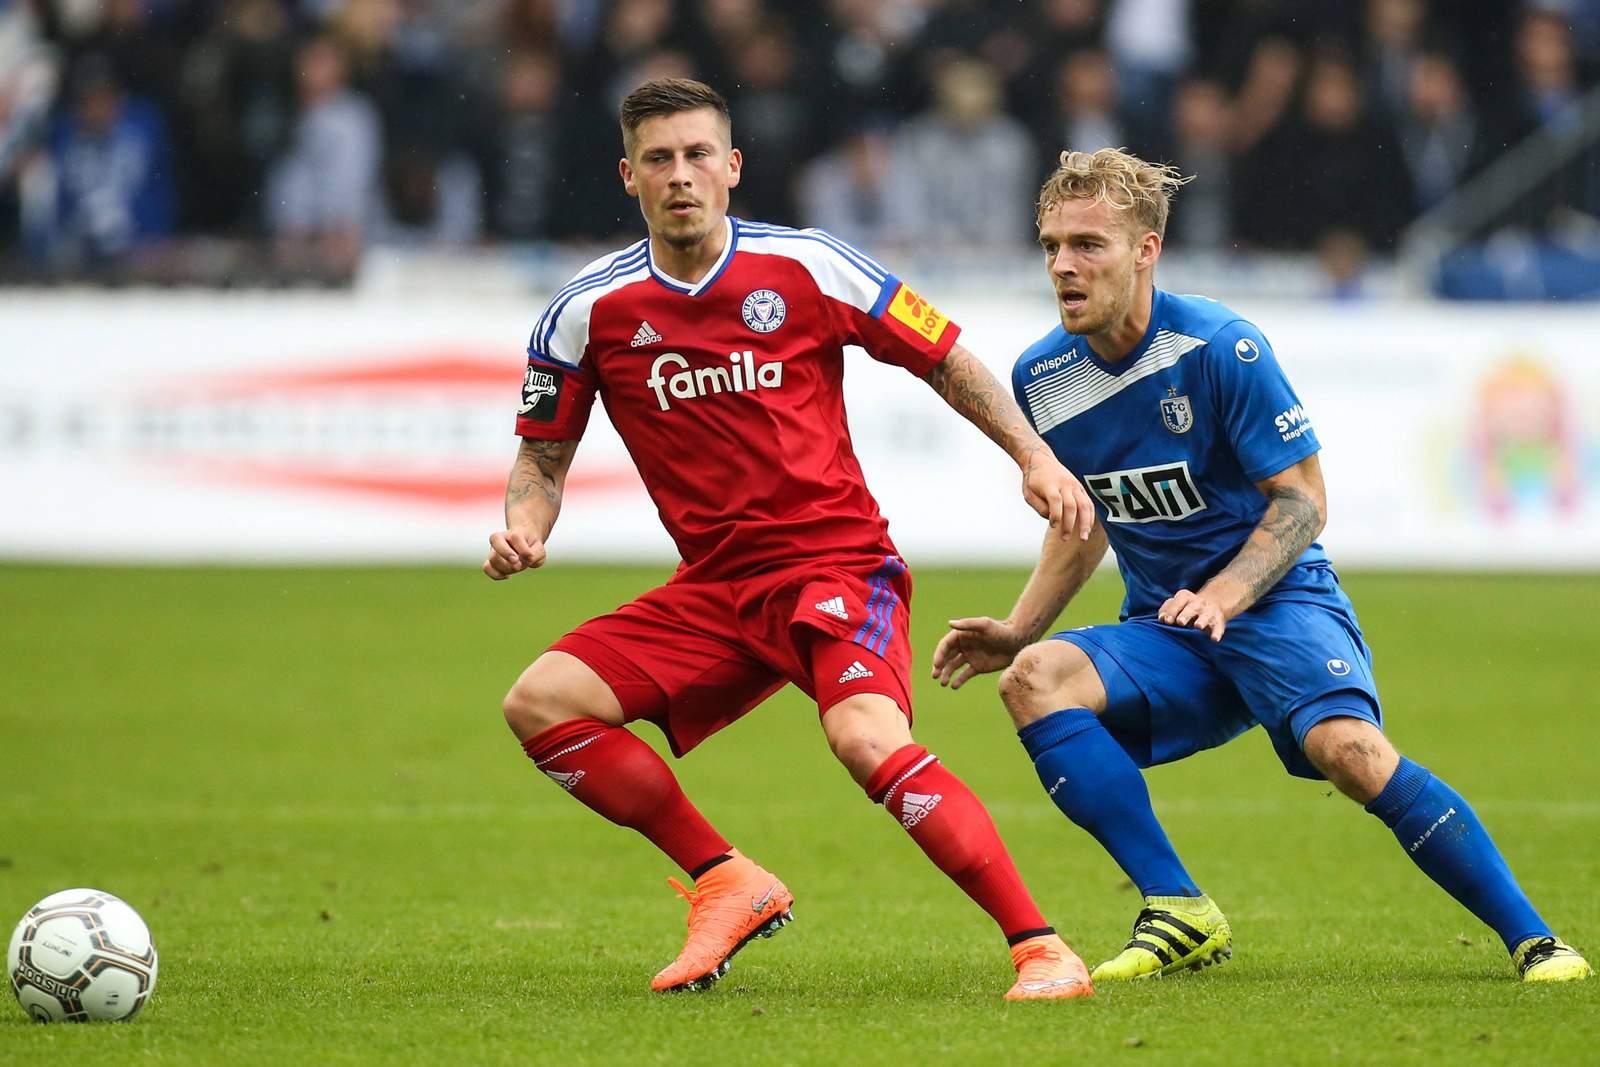 Zweikampf zwischen Steven Lewerenz und Nils Butzen. Jetzt auf Holstein Kiel gegen Magdeburg wetten!